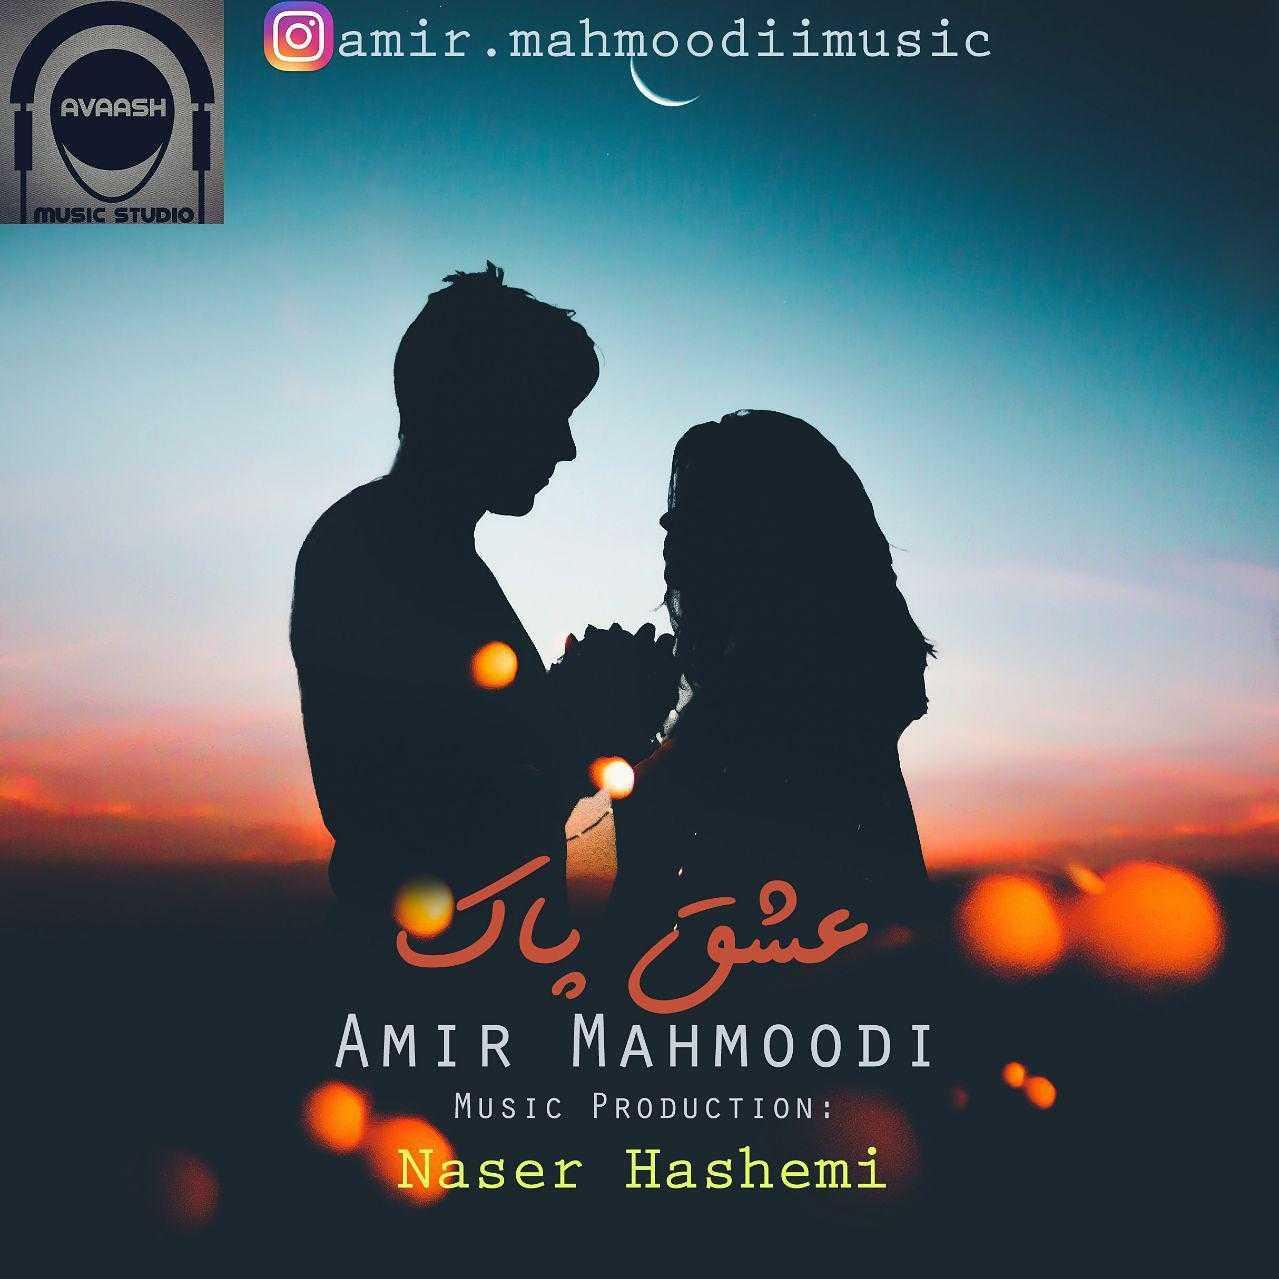 دانلود آهنگ جدید امیر محمودی به نام عشق پاک